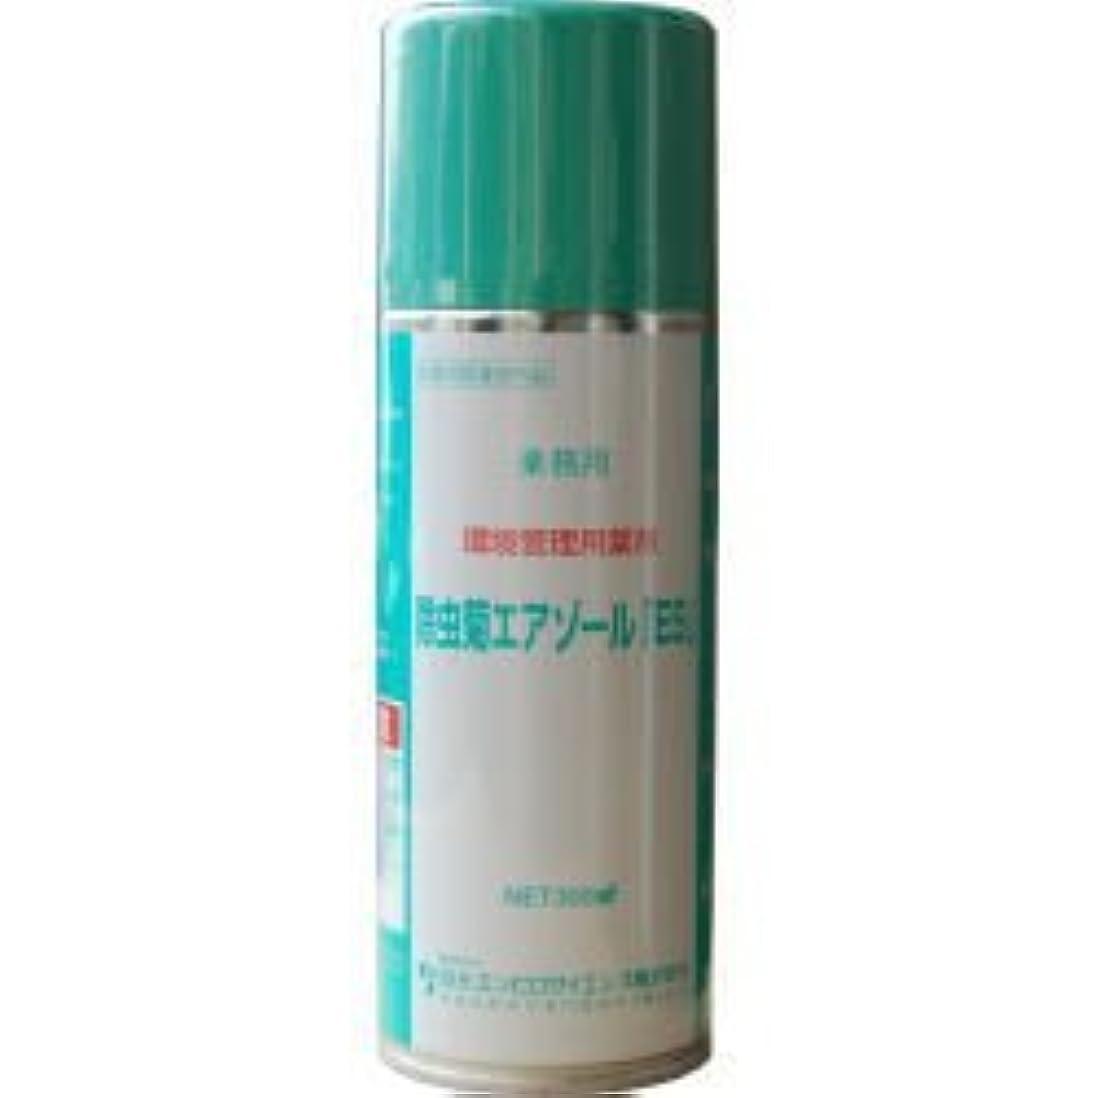 ストレスの多い可動チャンス除虫菊エアゾール「SES」 300ml 天然成分配合殺虫剤